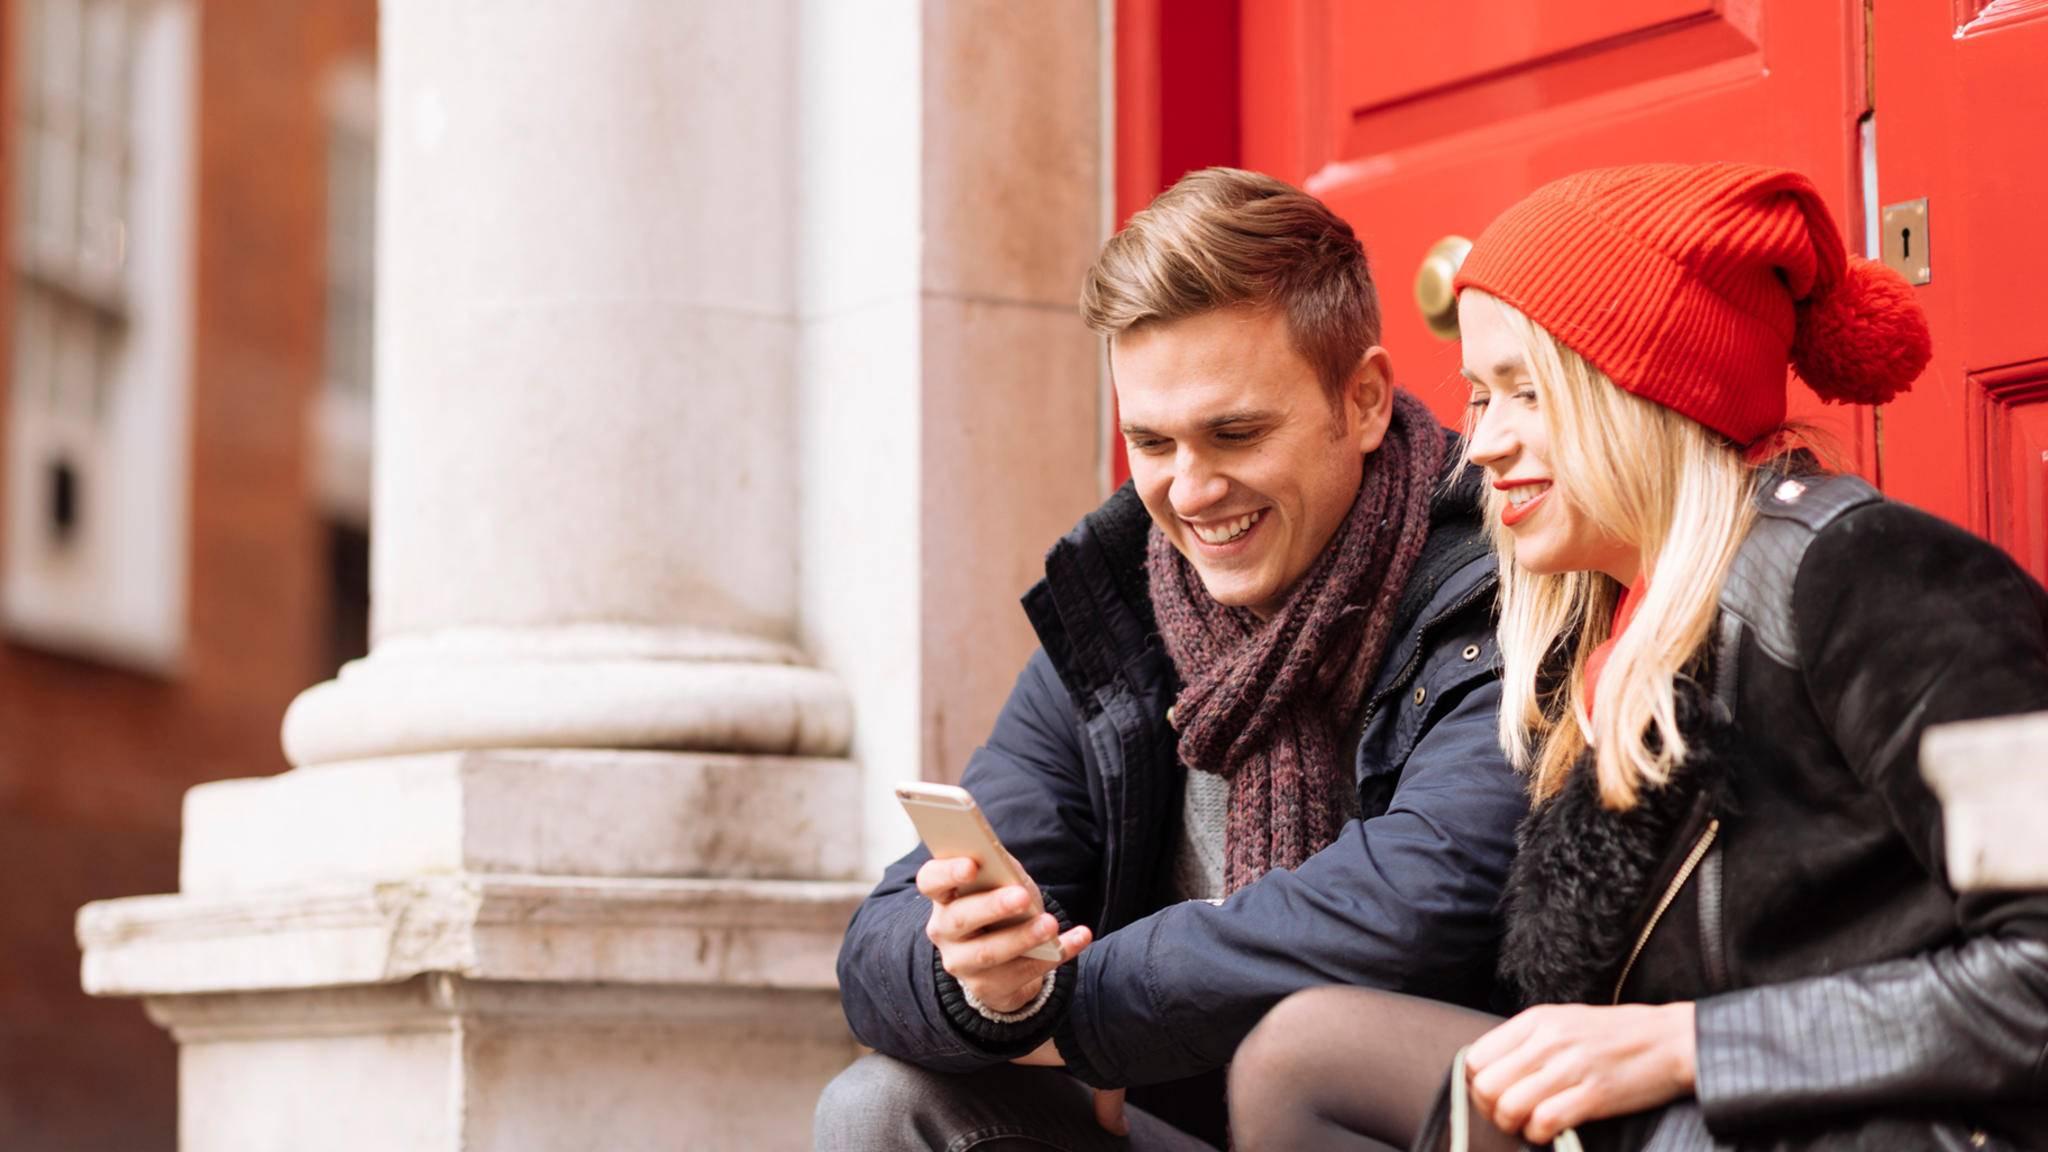 Mit dem Handy-Empfang ist oft auch der Empfang von mobilem Internet gestört.